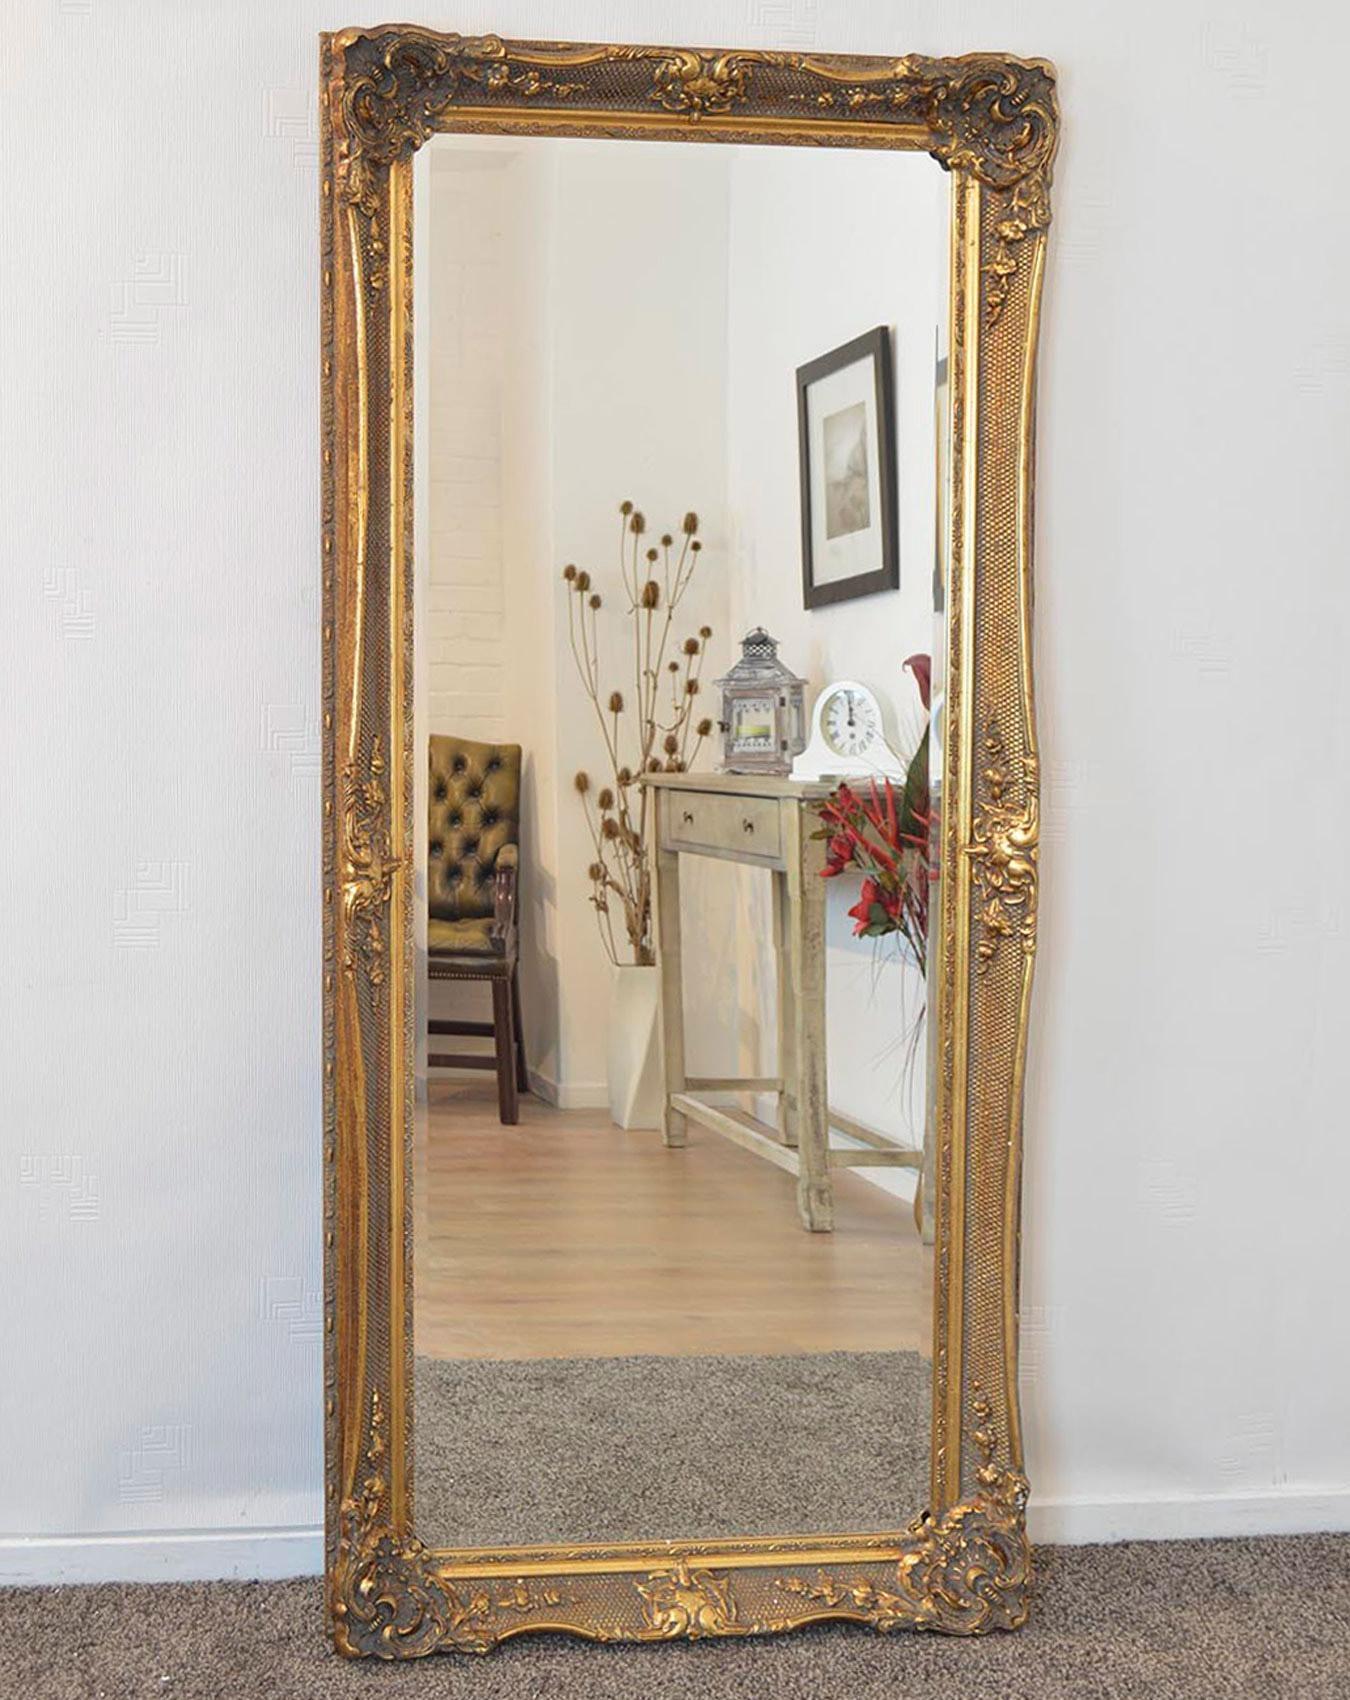 Gold Ornate Full Length Mirror 81Cm X 173Cm | Large Mirrors Inside Ornate Floor Length Mirror (Image 14 of 20)